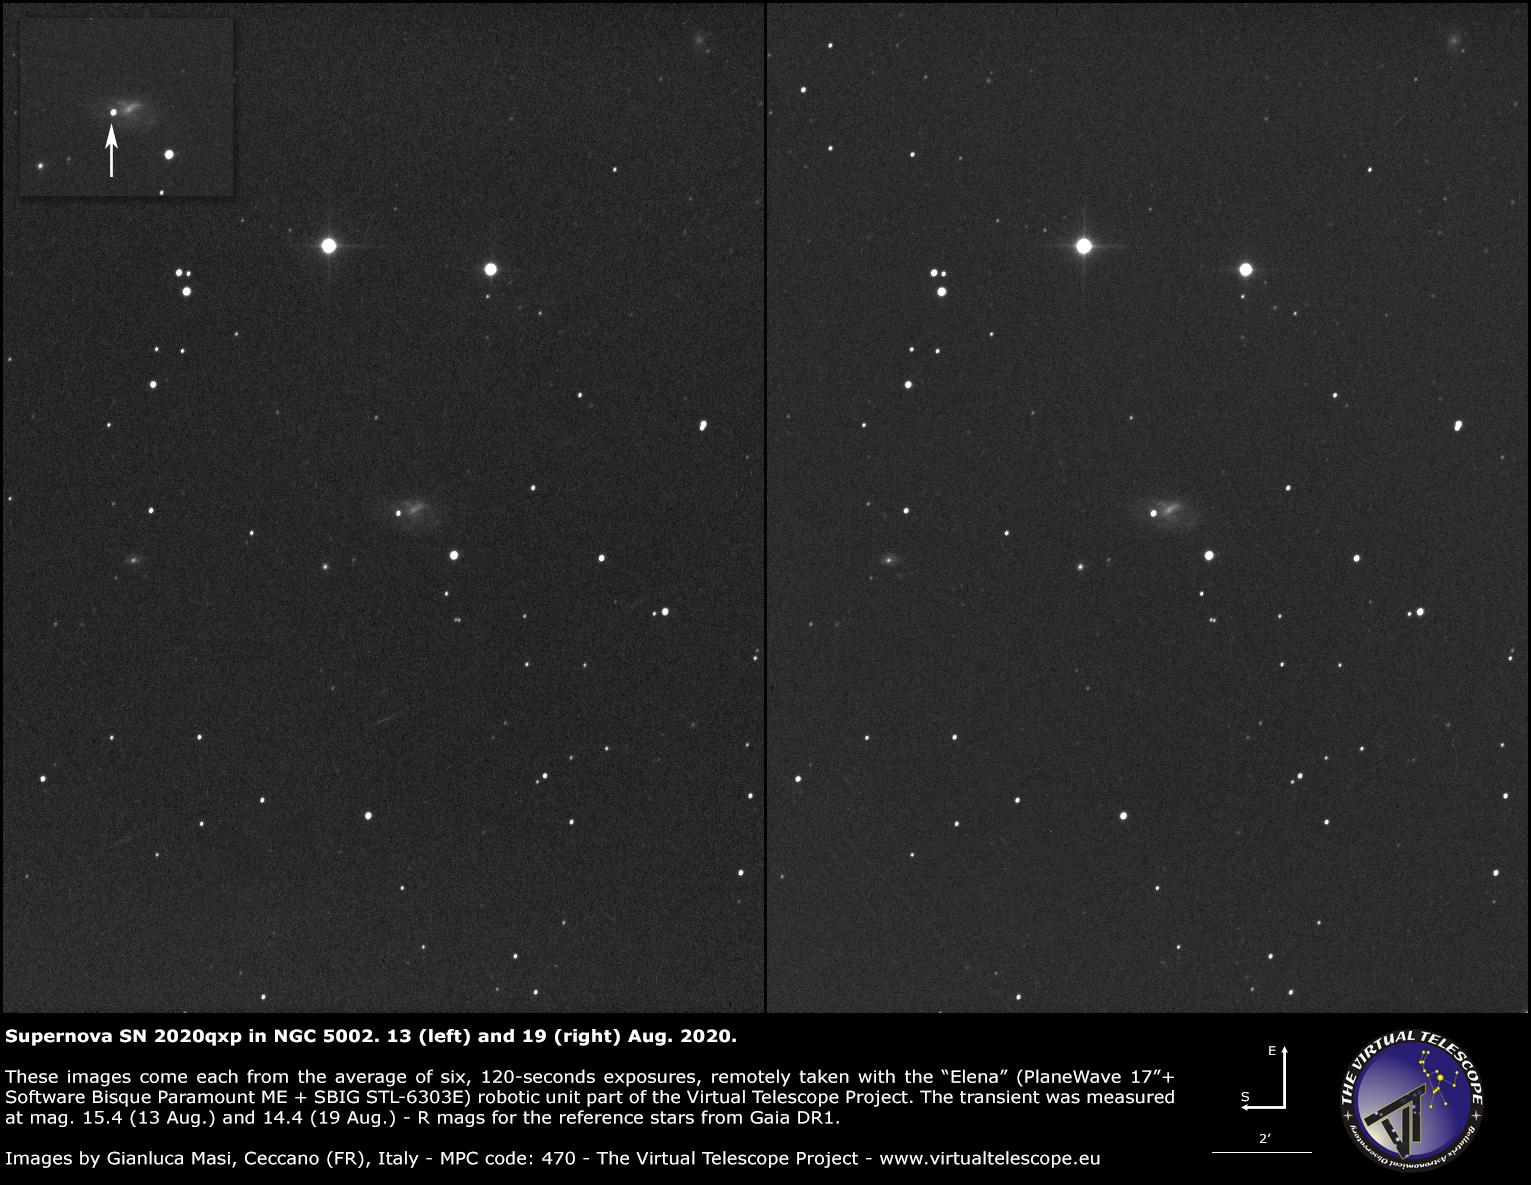 NGC 5002 and supernova SN 2020qxp - 19 Aug. 2020